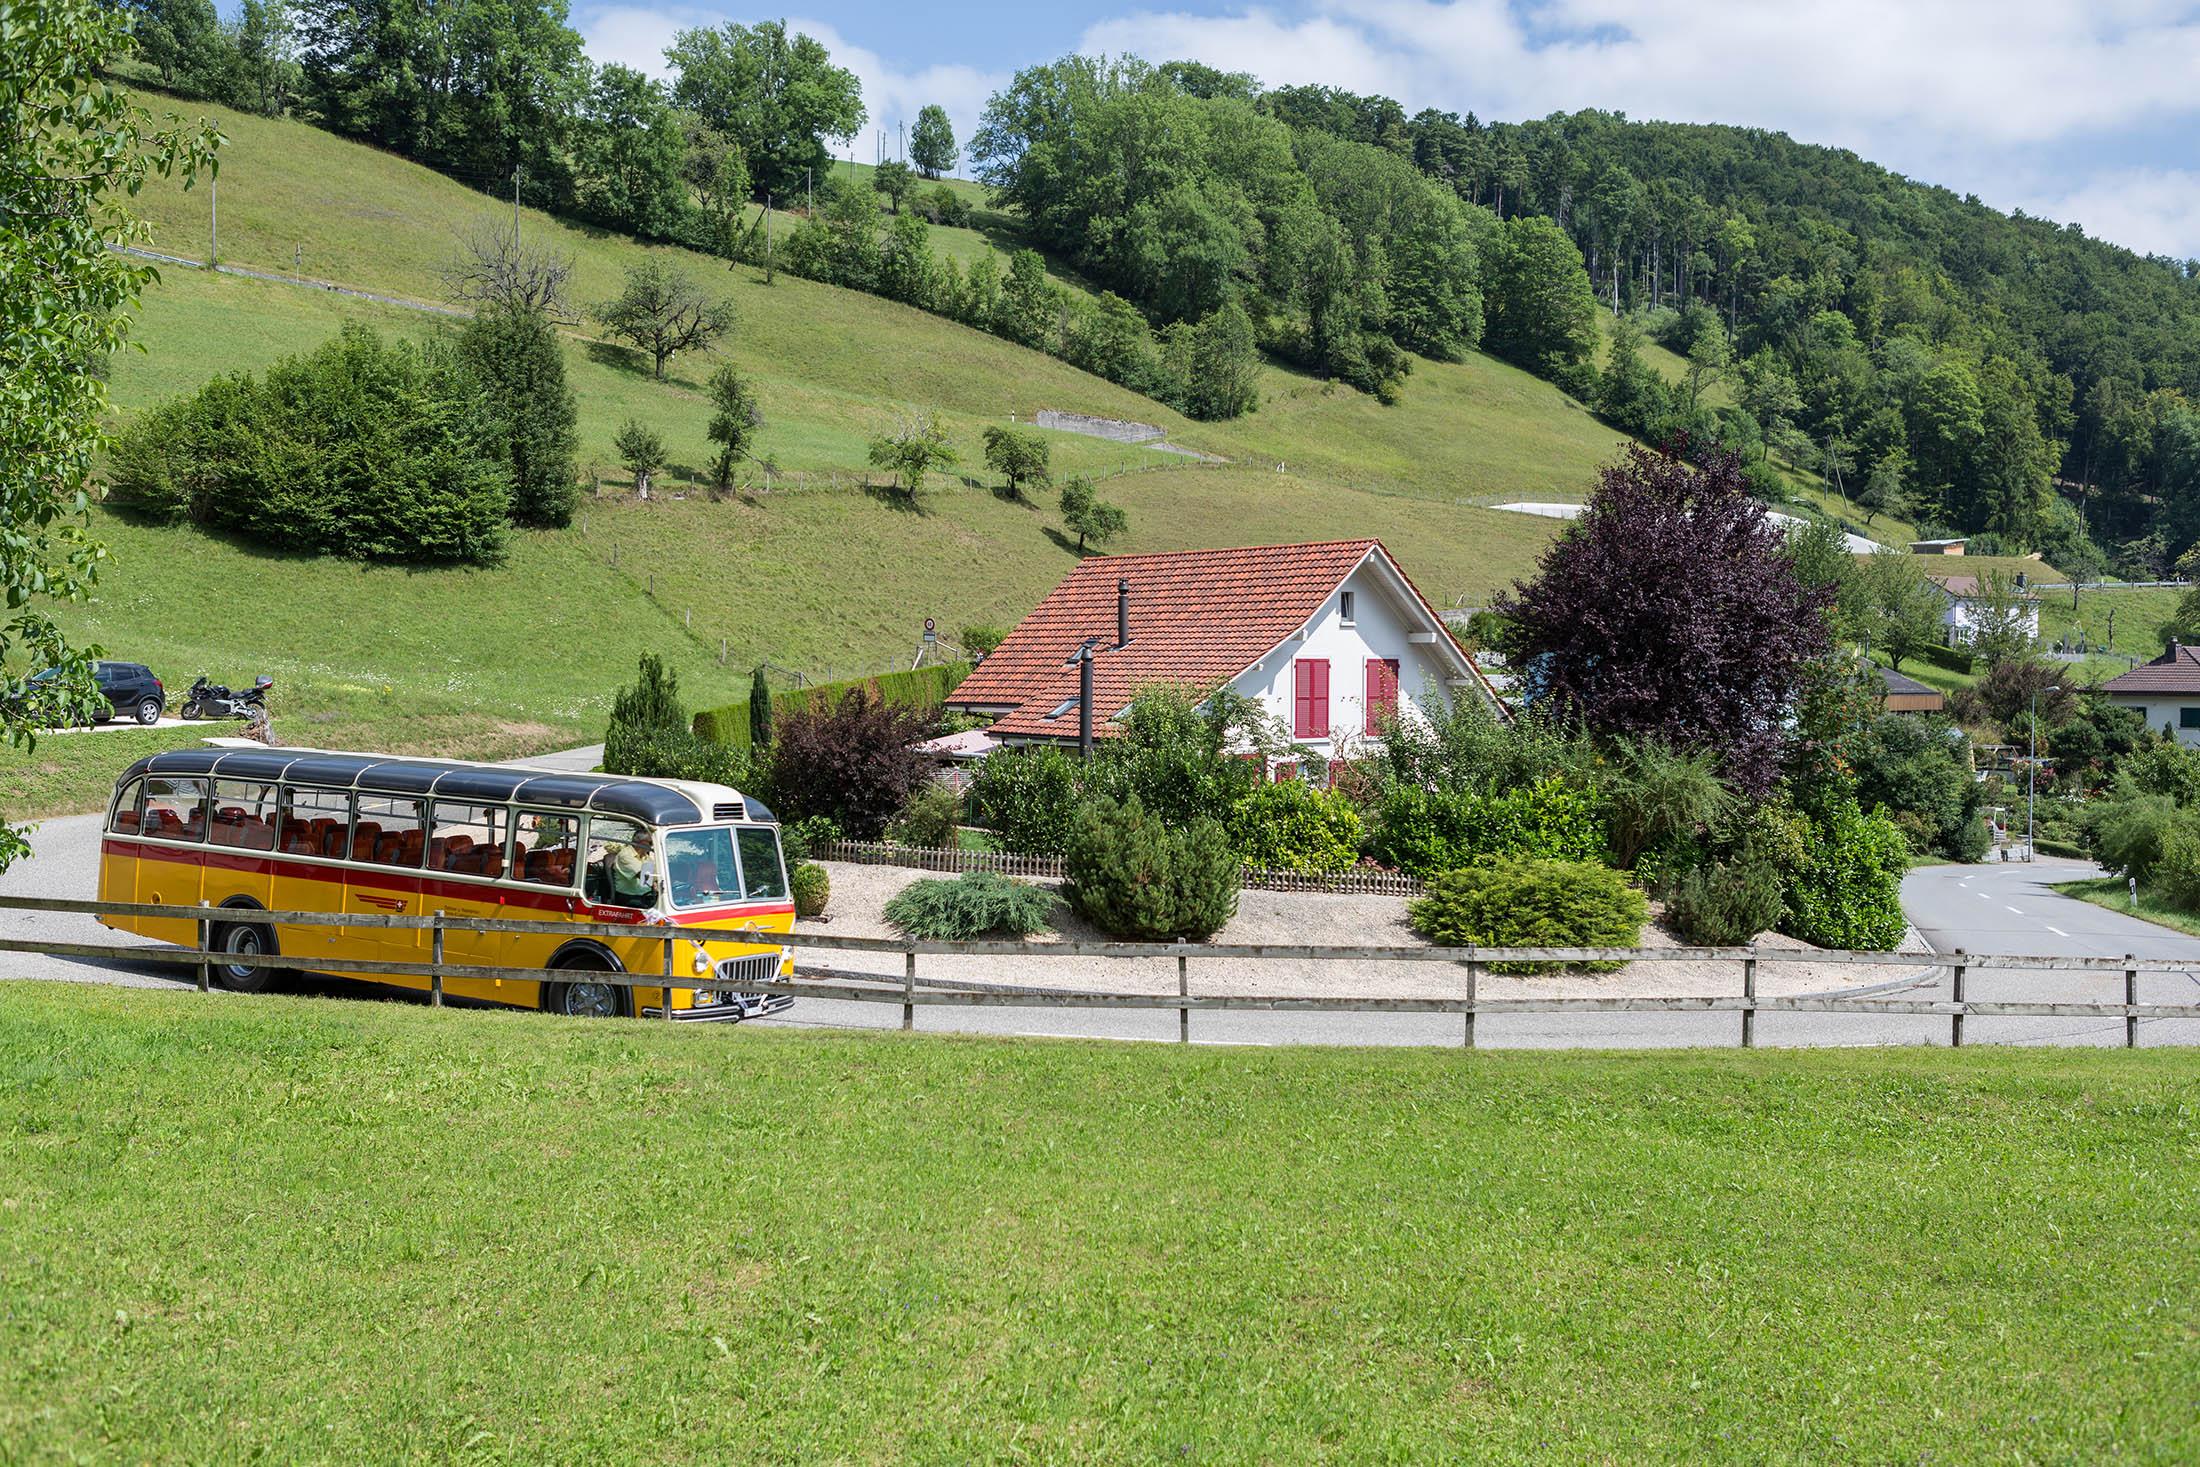 Das Postauto fährt in die abgelegensten Winkel – so wie die SRG auch die Randregionen versorgt.